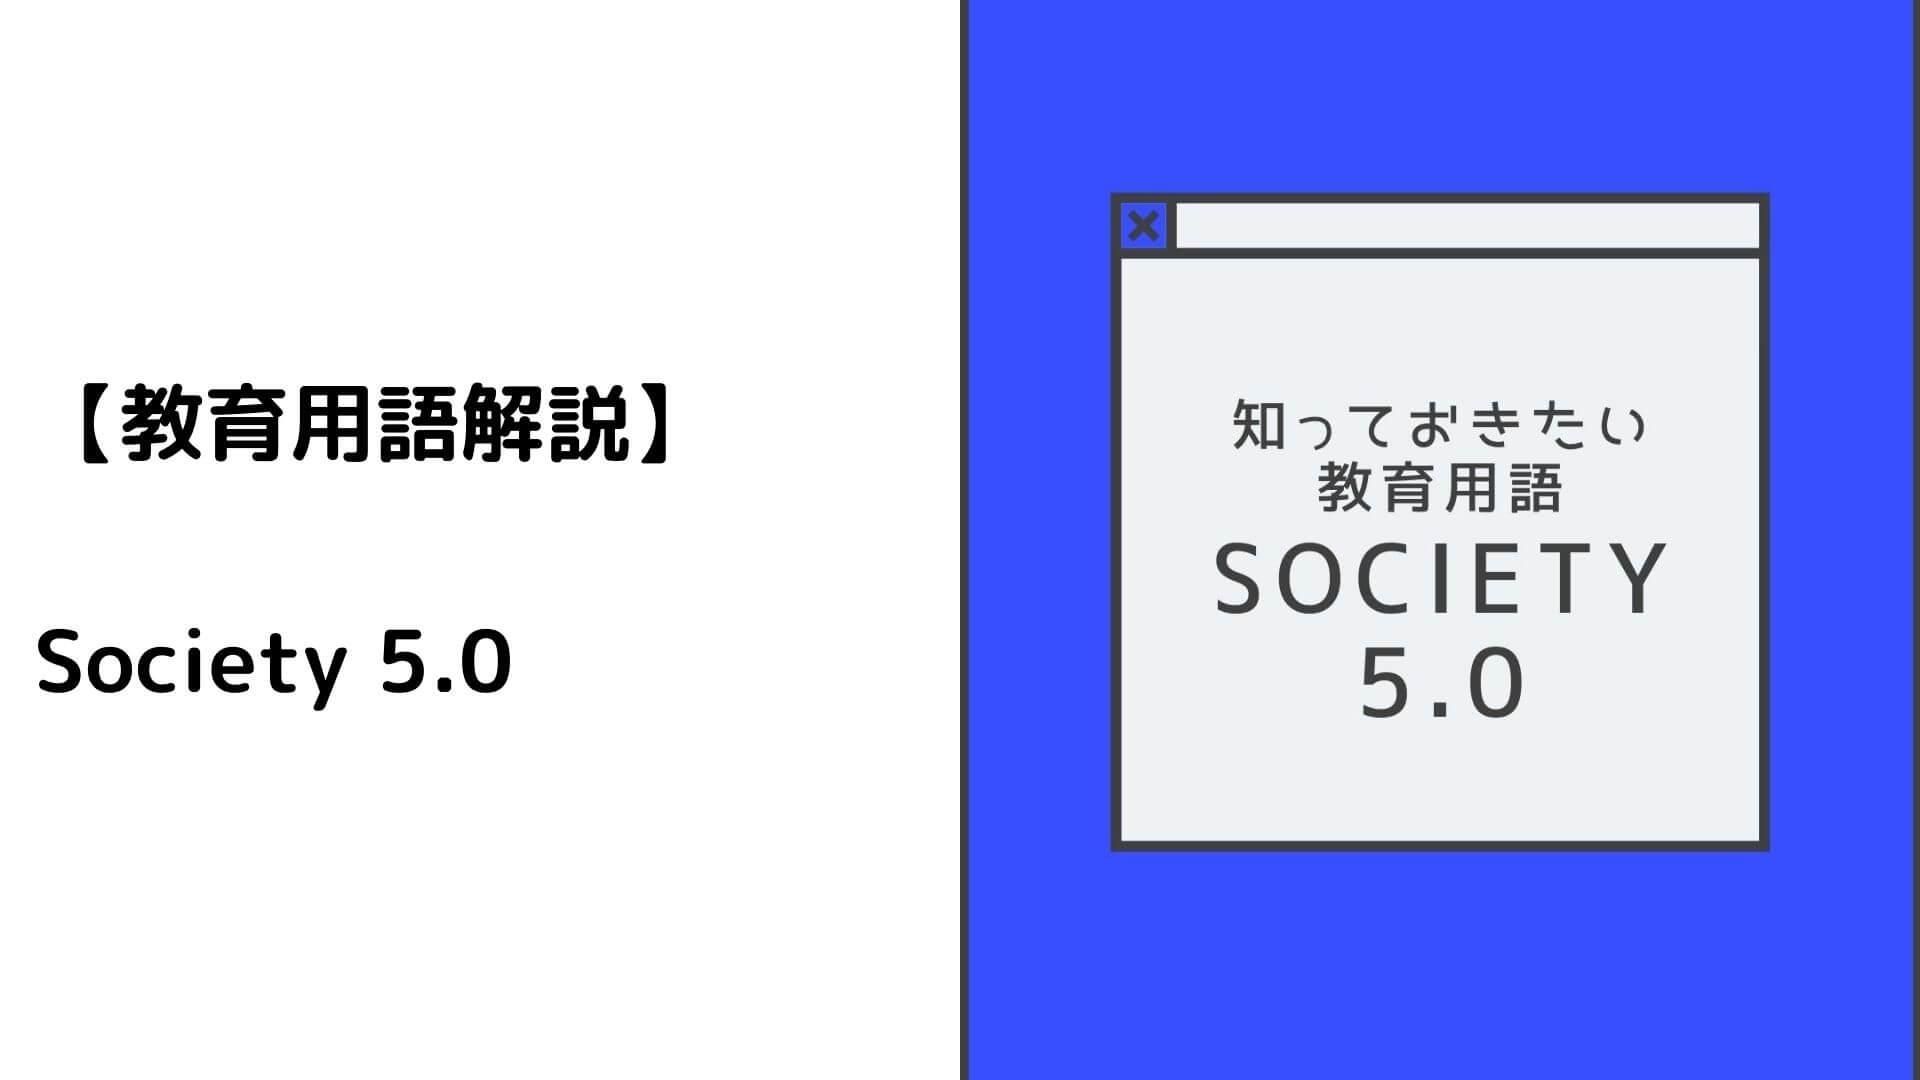 知っておきたい教育用語:Society 5.0